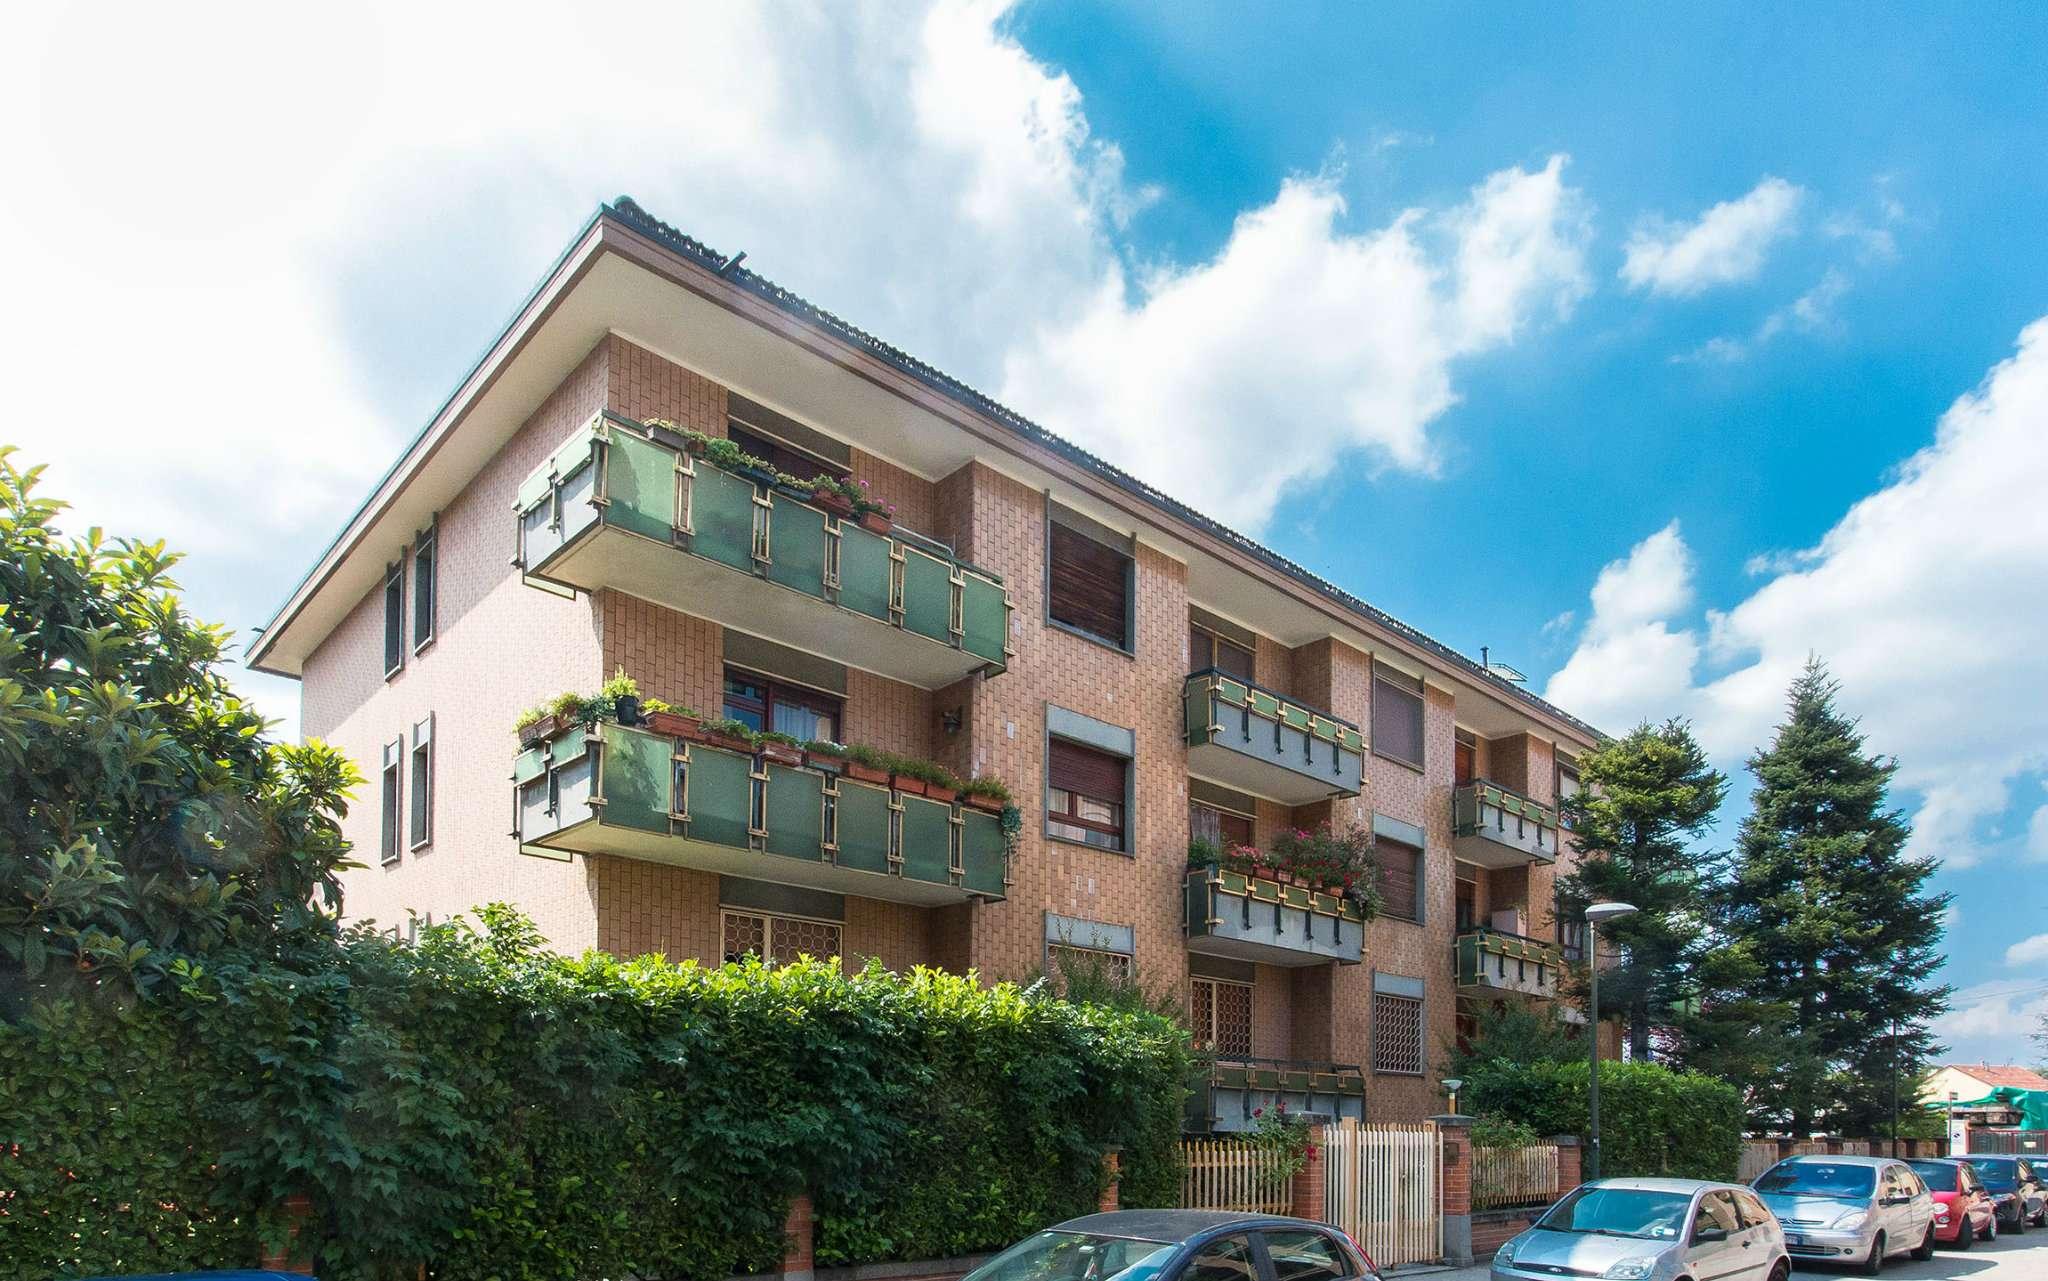 Foto 1 di Quadrilocale via Metastasio, Torino (zona Precollina, Collina)